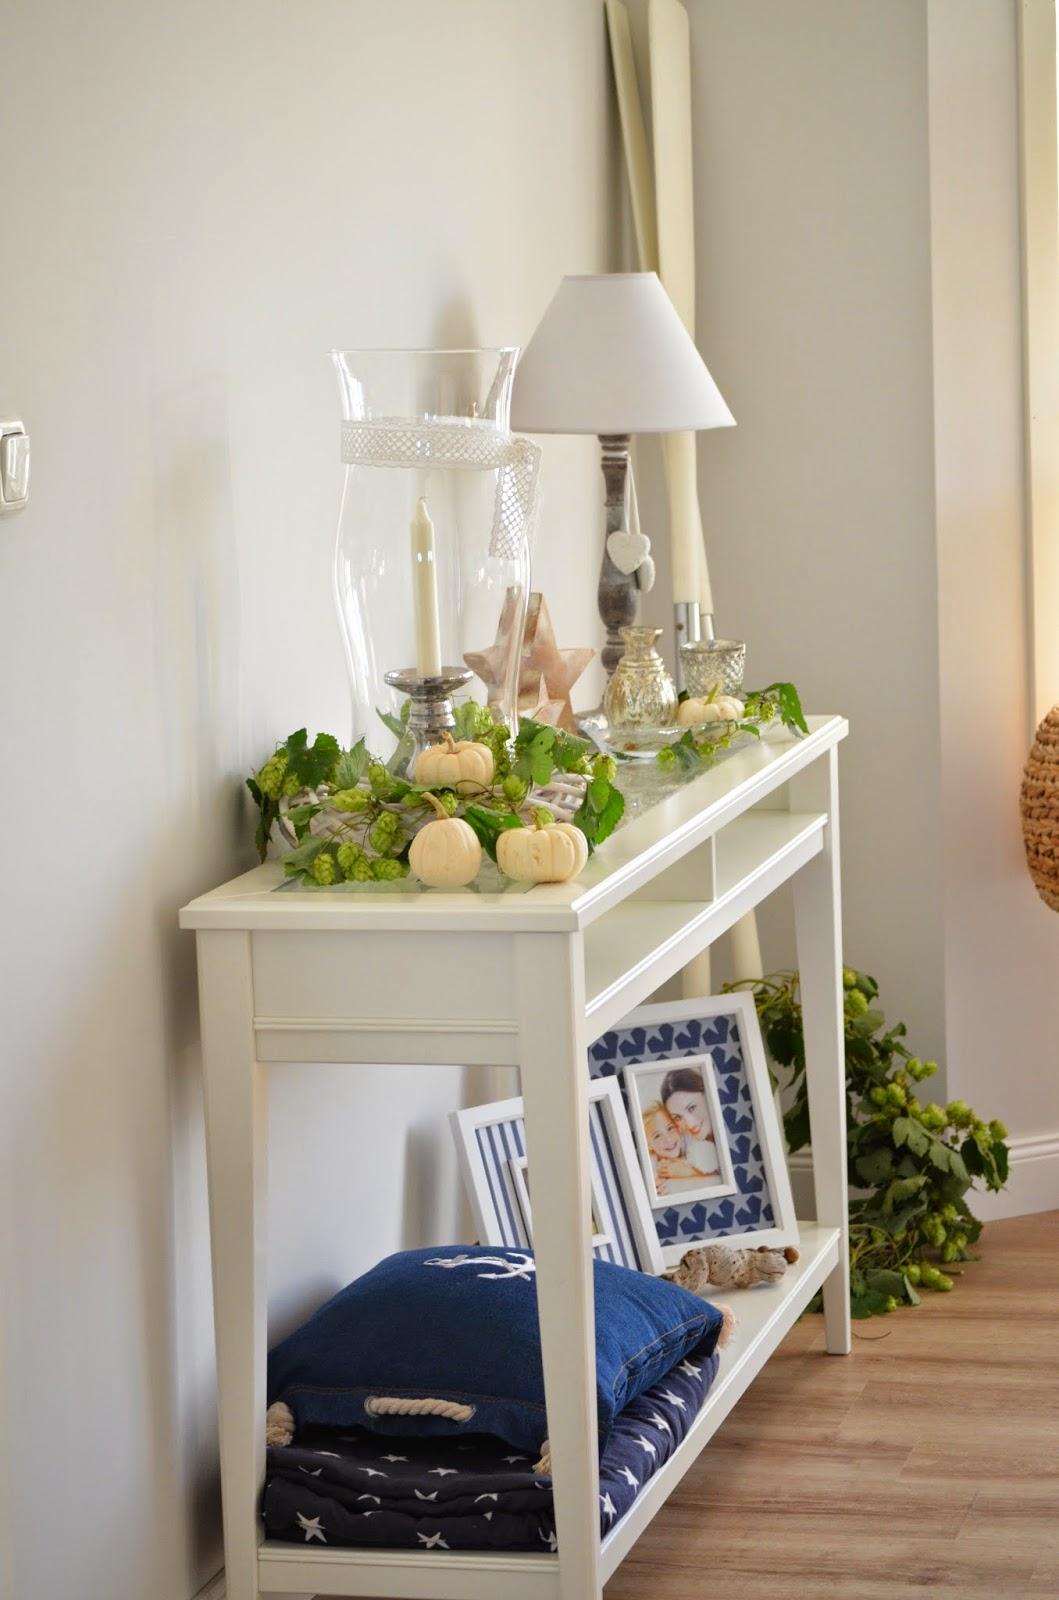 deko hus september 2014. Black Bedroom Furniture Sets. Home Design Ideas